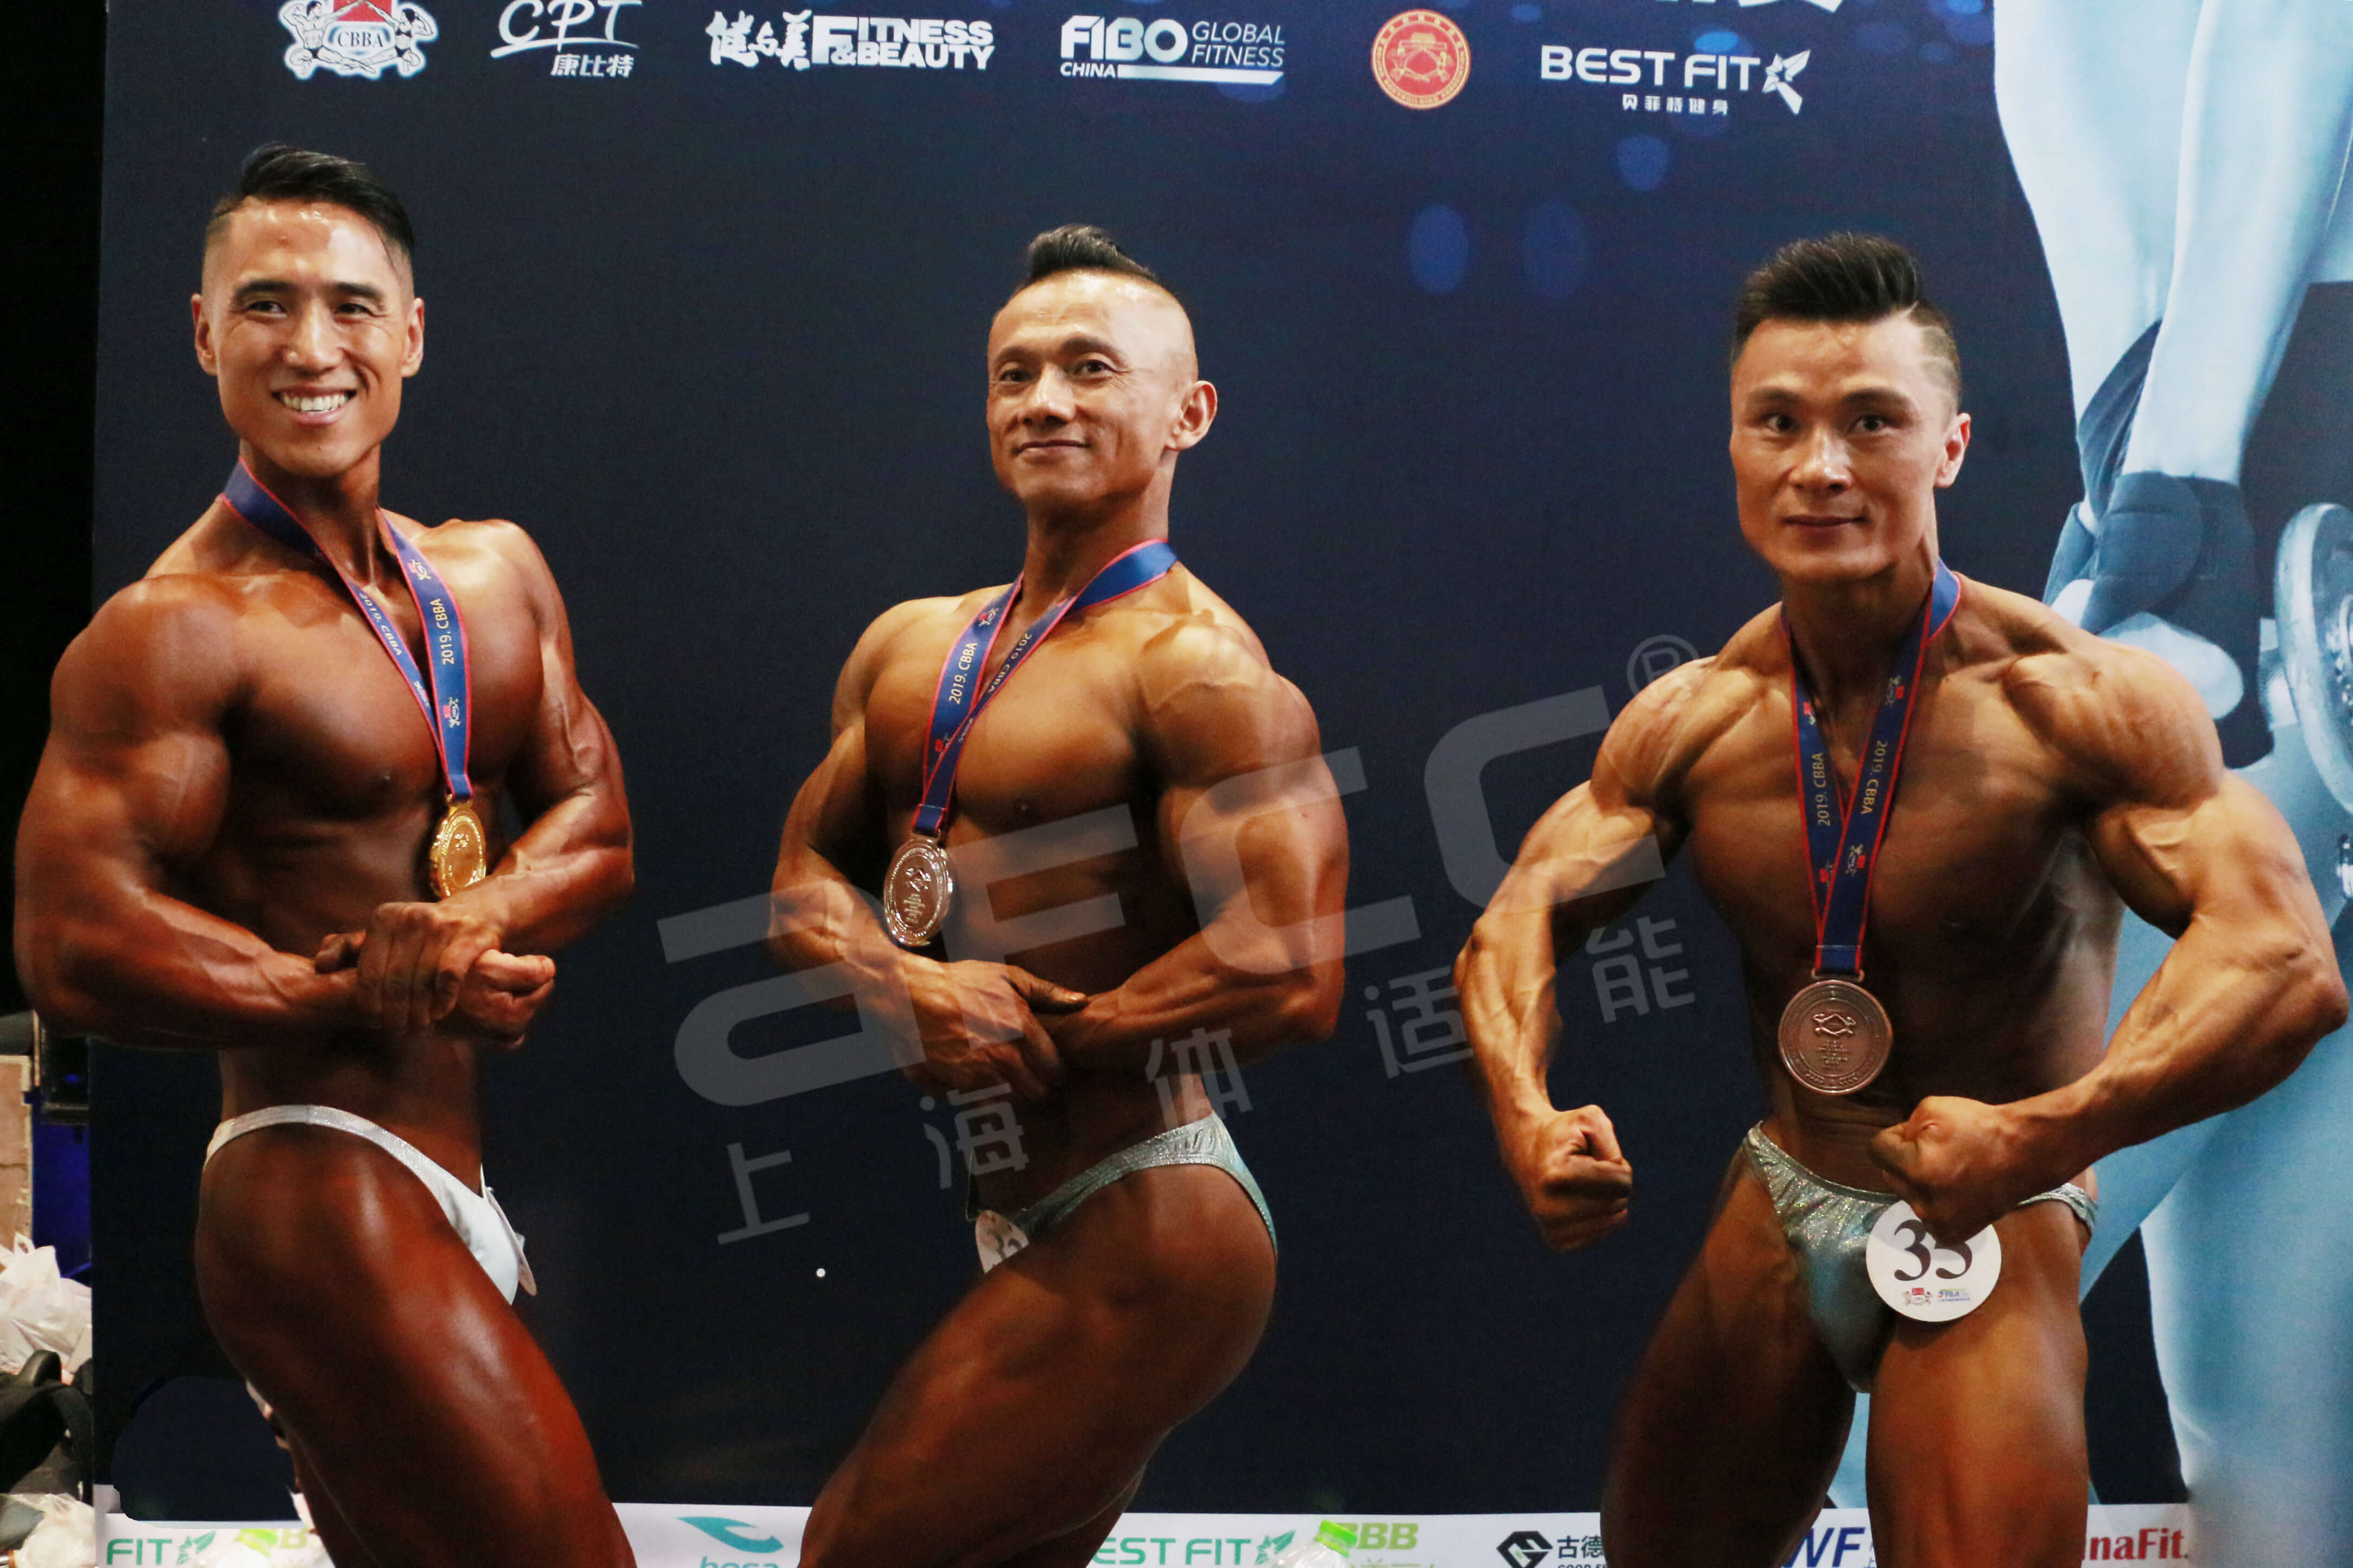 男子古典健美身高-175cm(含)组冠军——储昀(左)亚军——吴保智(中)<